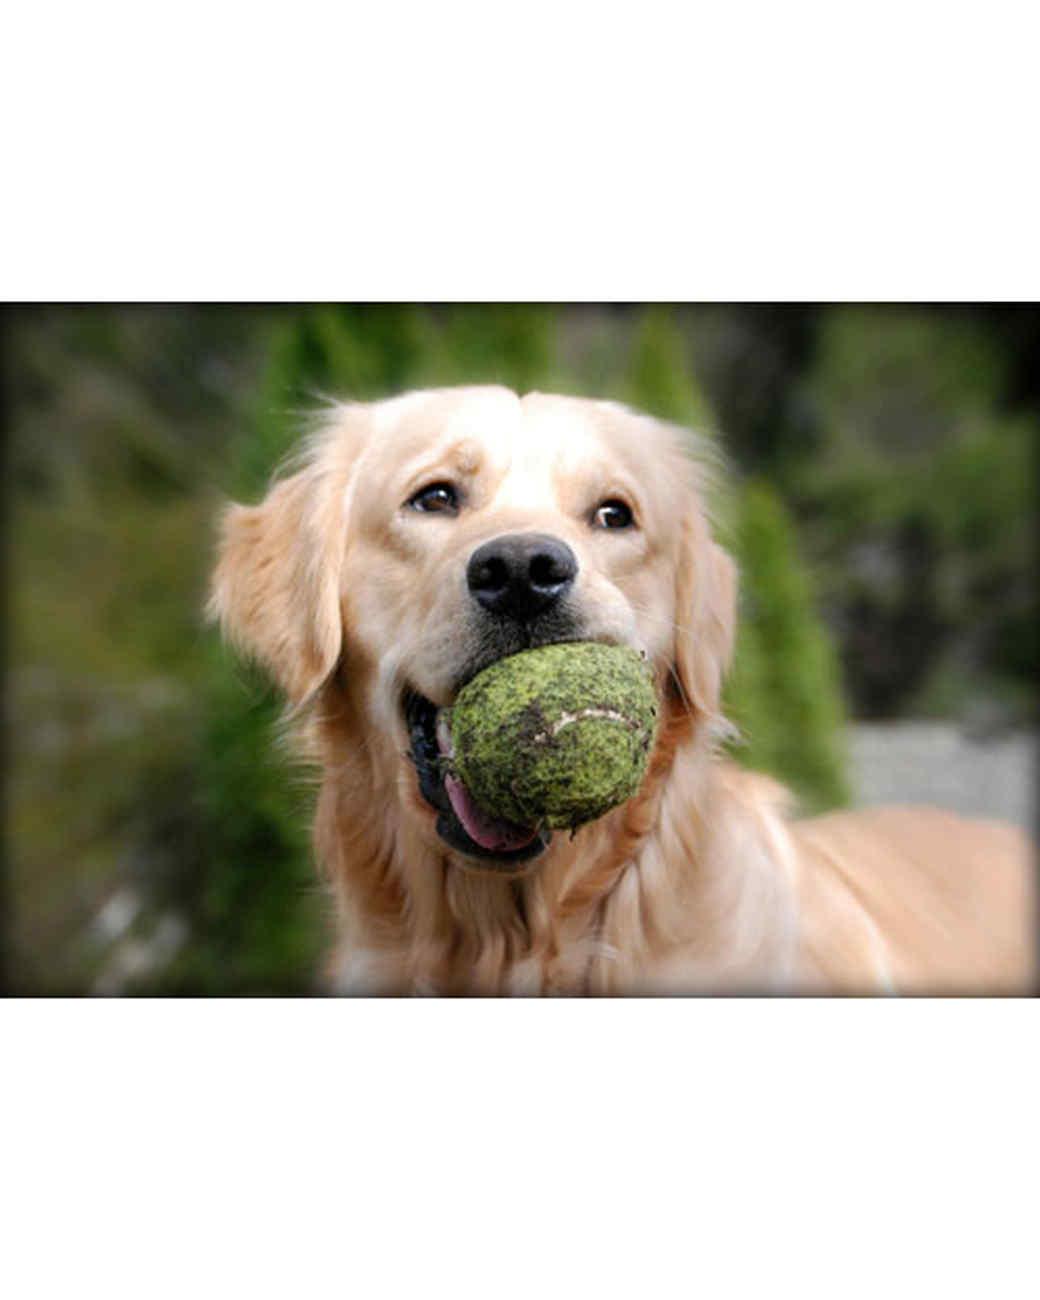 pets-at-play-0311-13149125_20898761.jpg